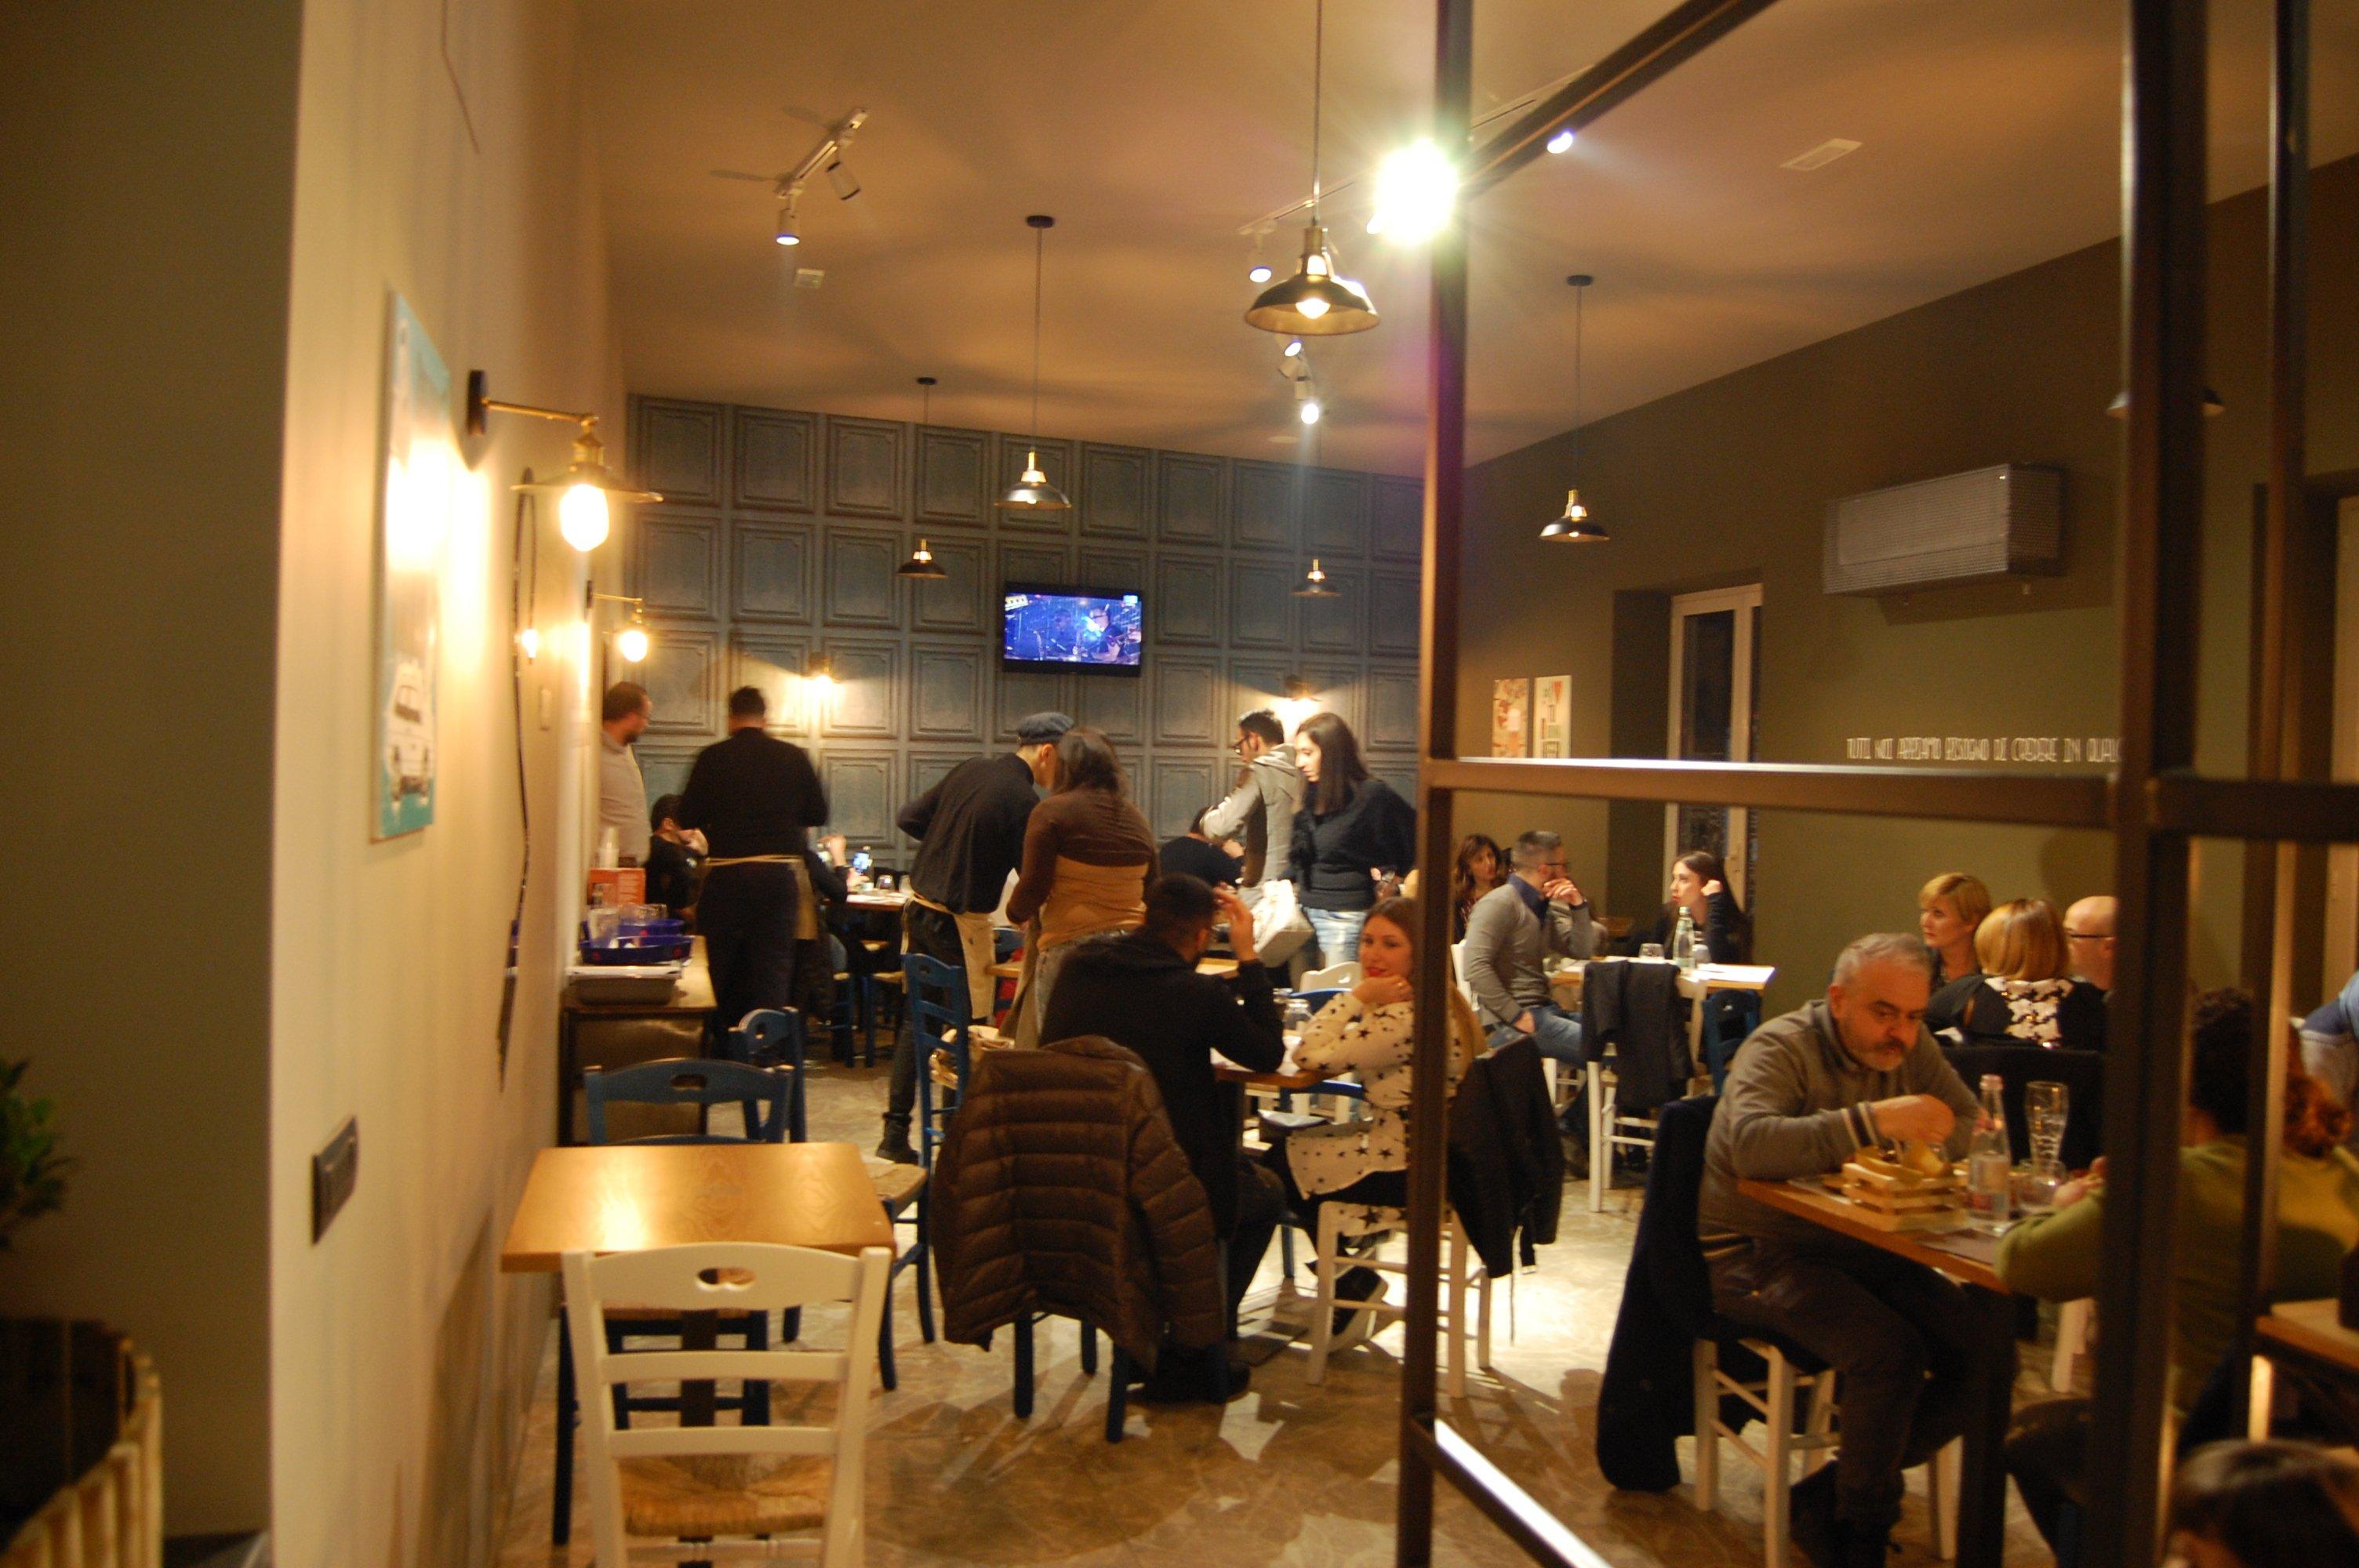 interno della sala con clienti che cenano